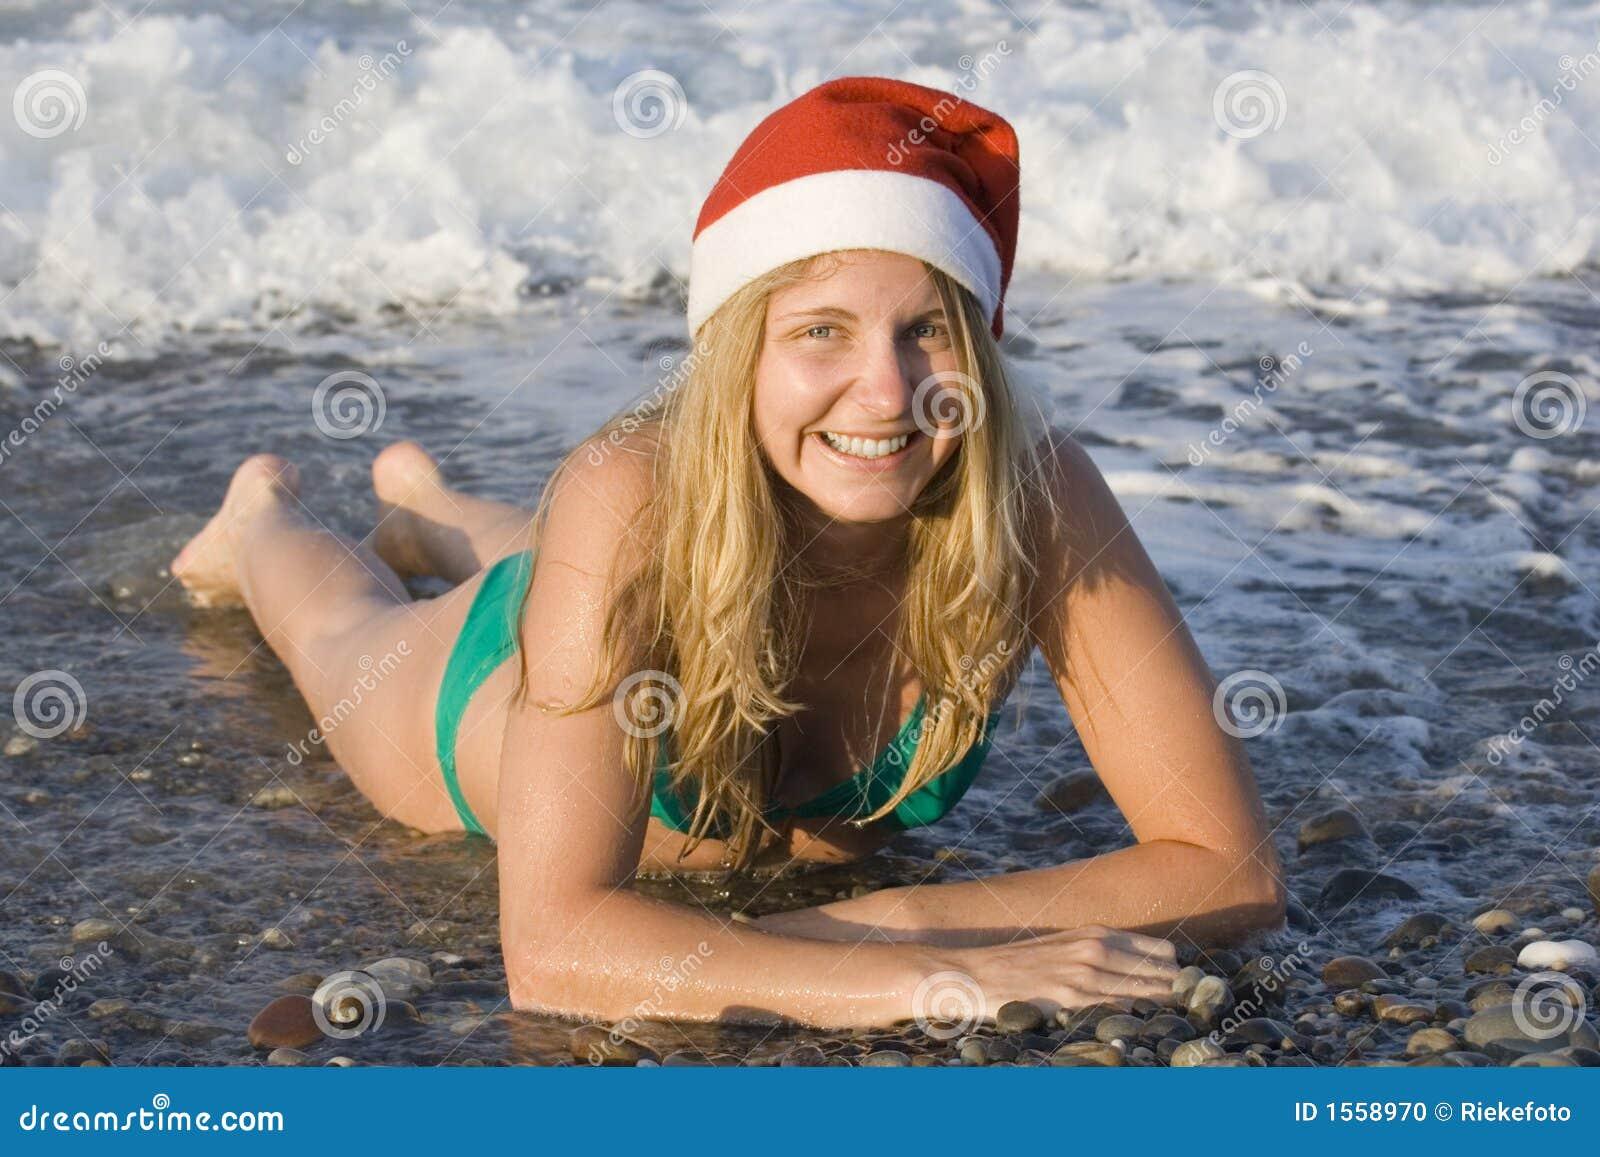 Frau Sankt im Ozean